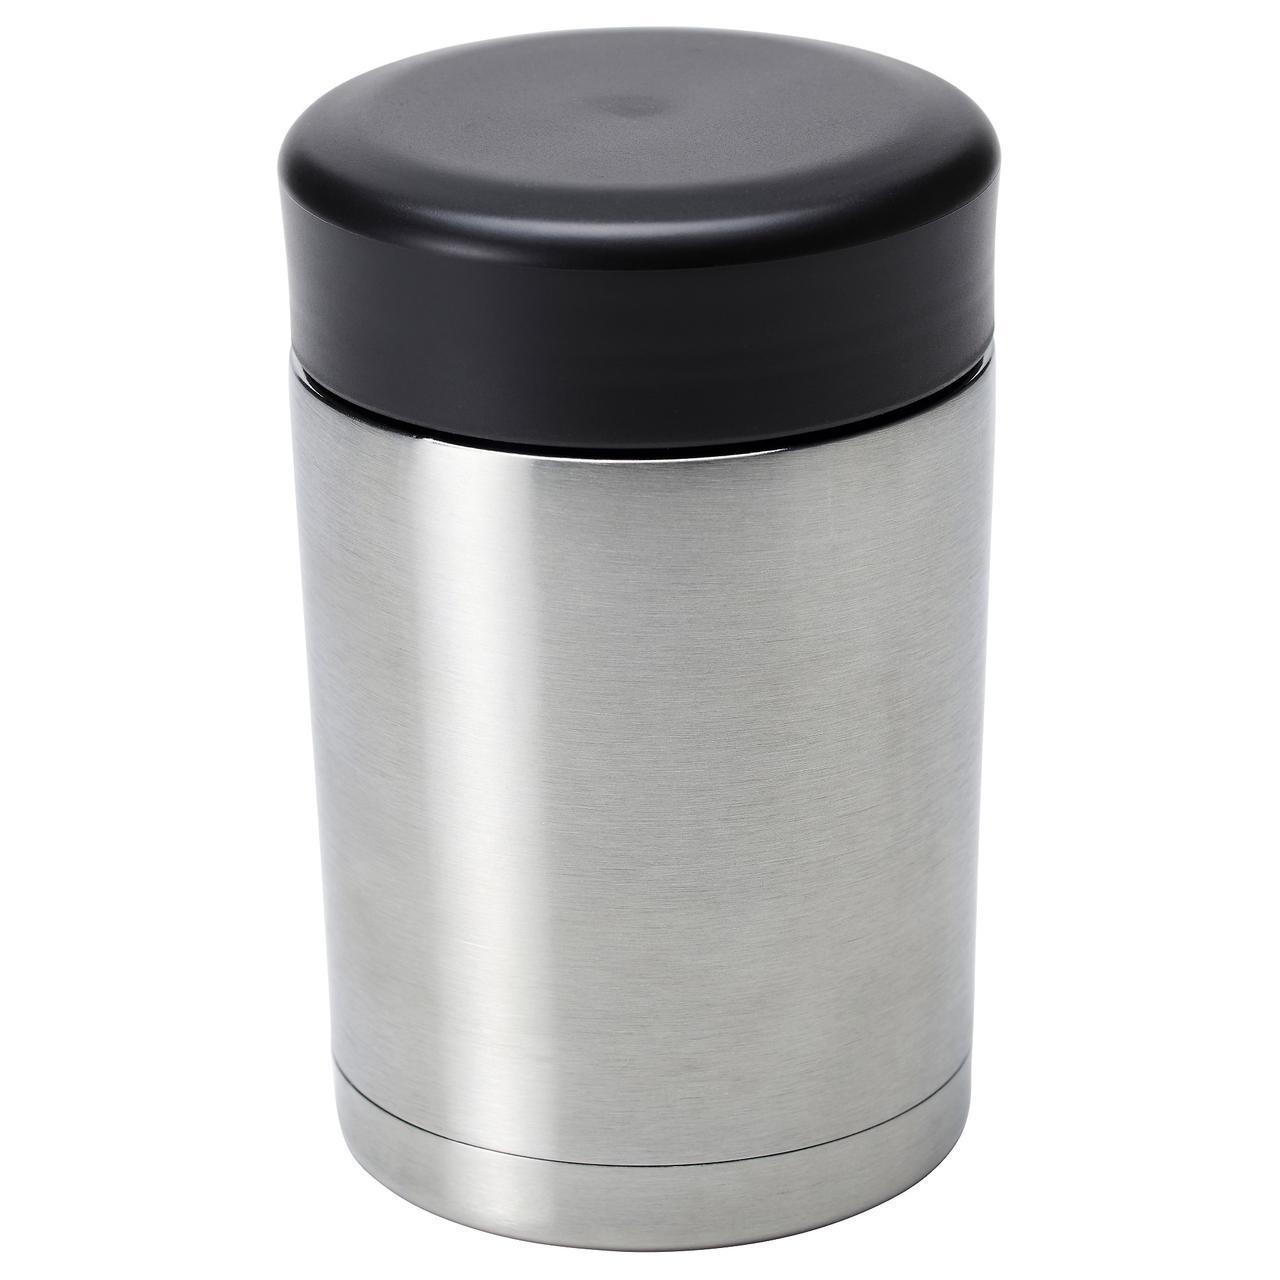 IKEA EFTERFRAGAD (402.883.54) Термос для пищевых продуктов, нержавеющая сталь